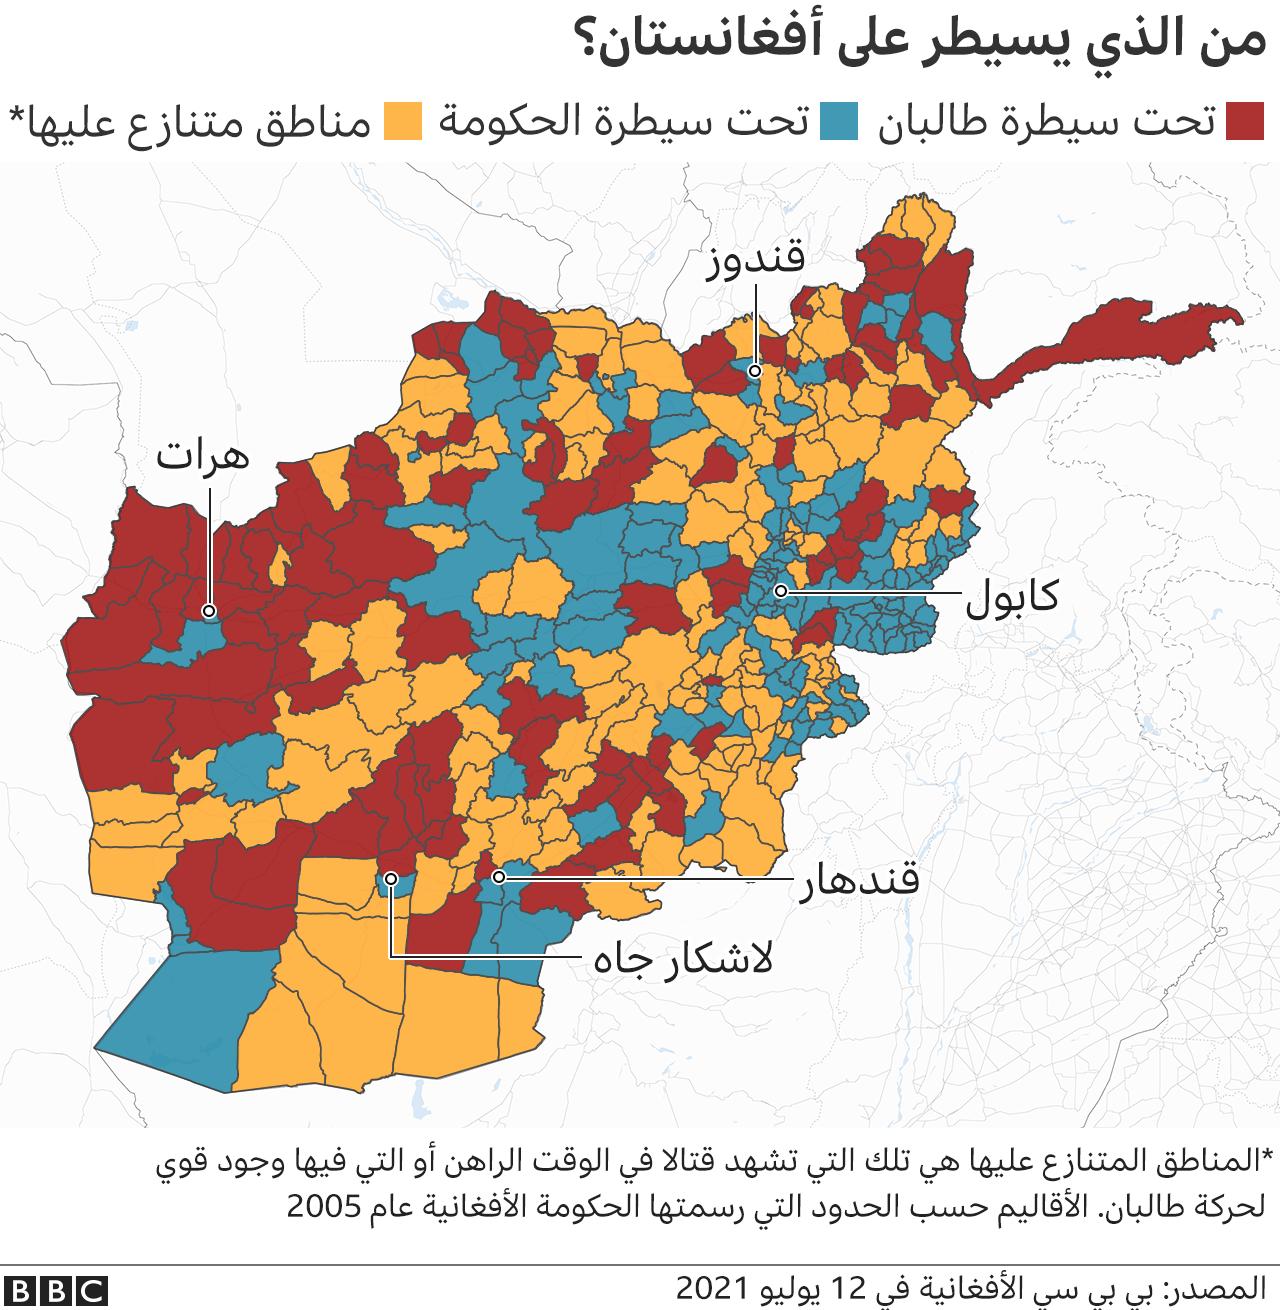 مناطق سيطرة طالبان والحكومة والمناطق المتنازع عليها